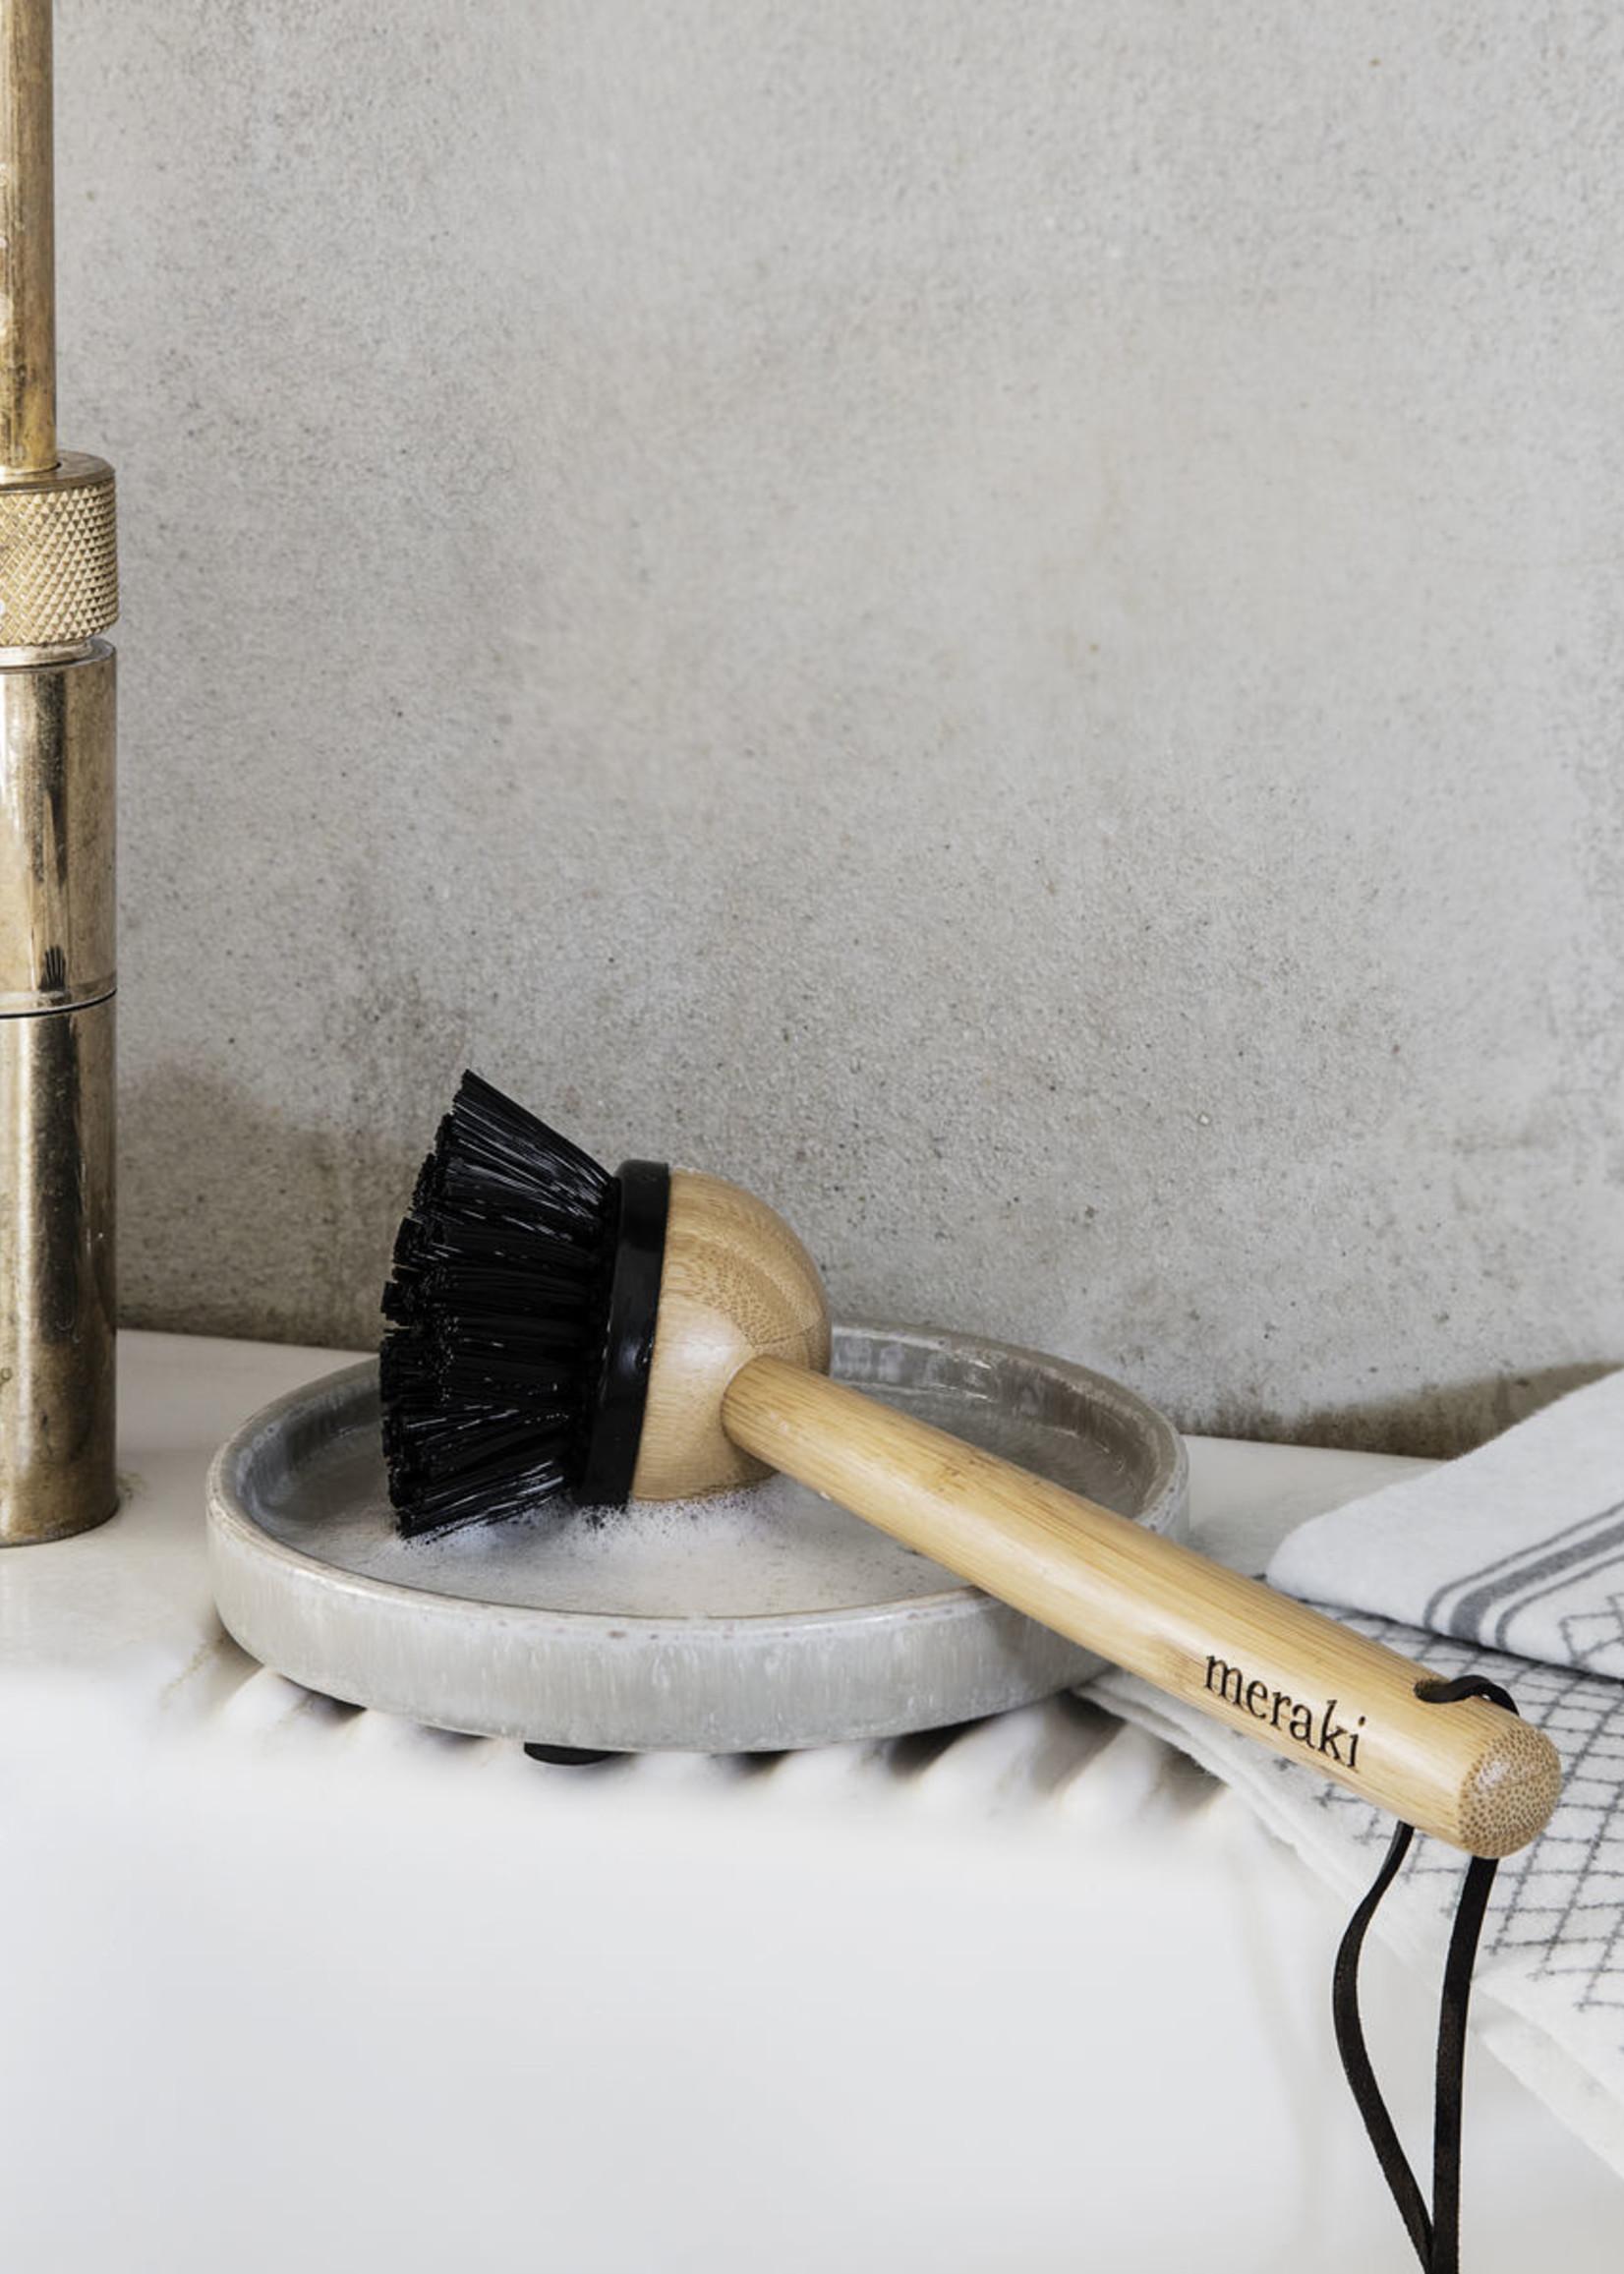 Meraki Dish Brush